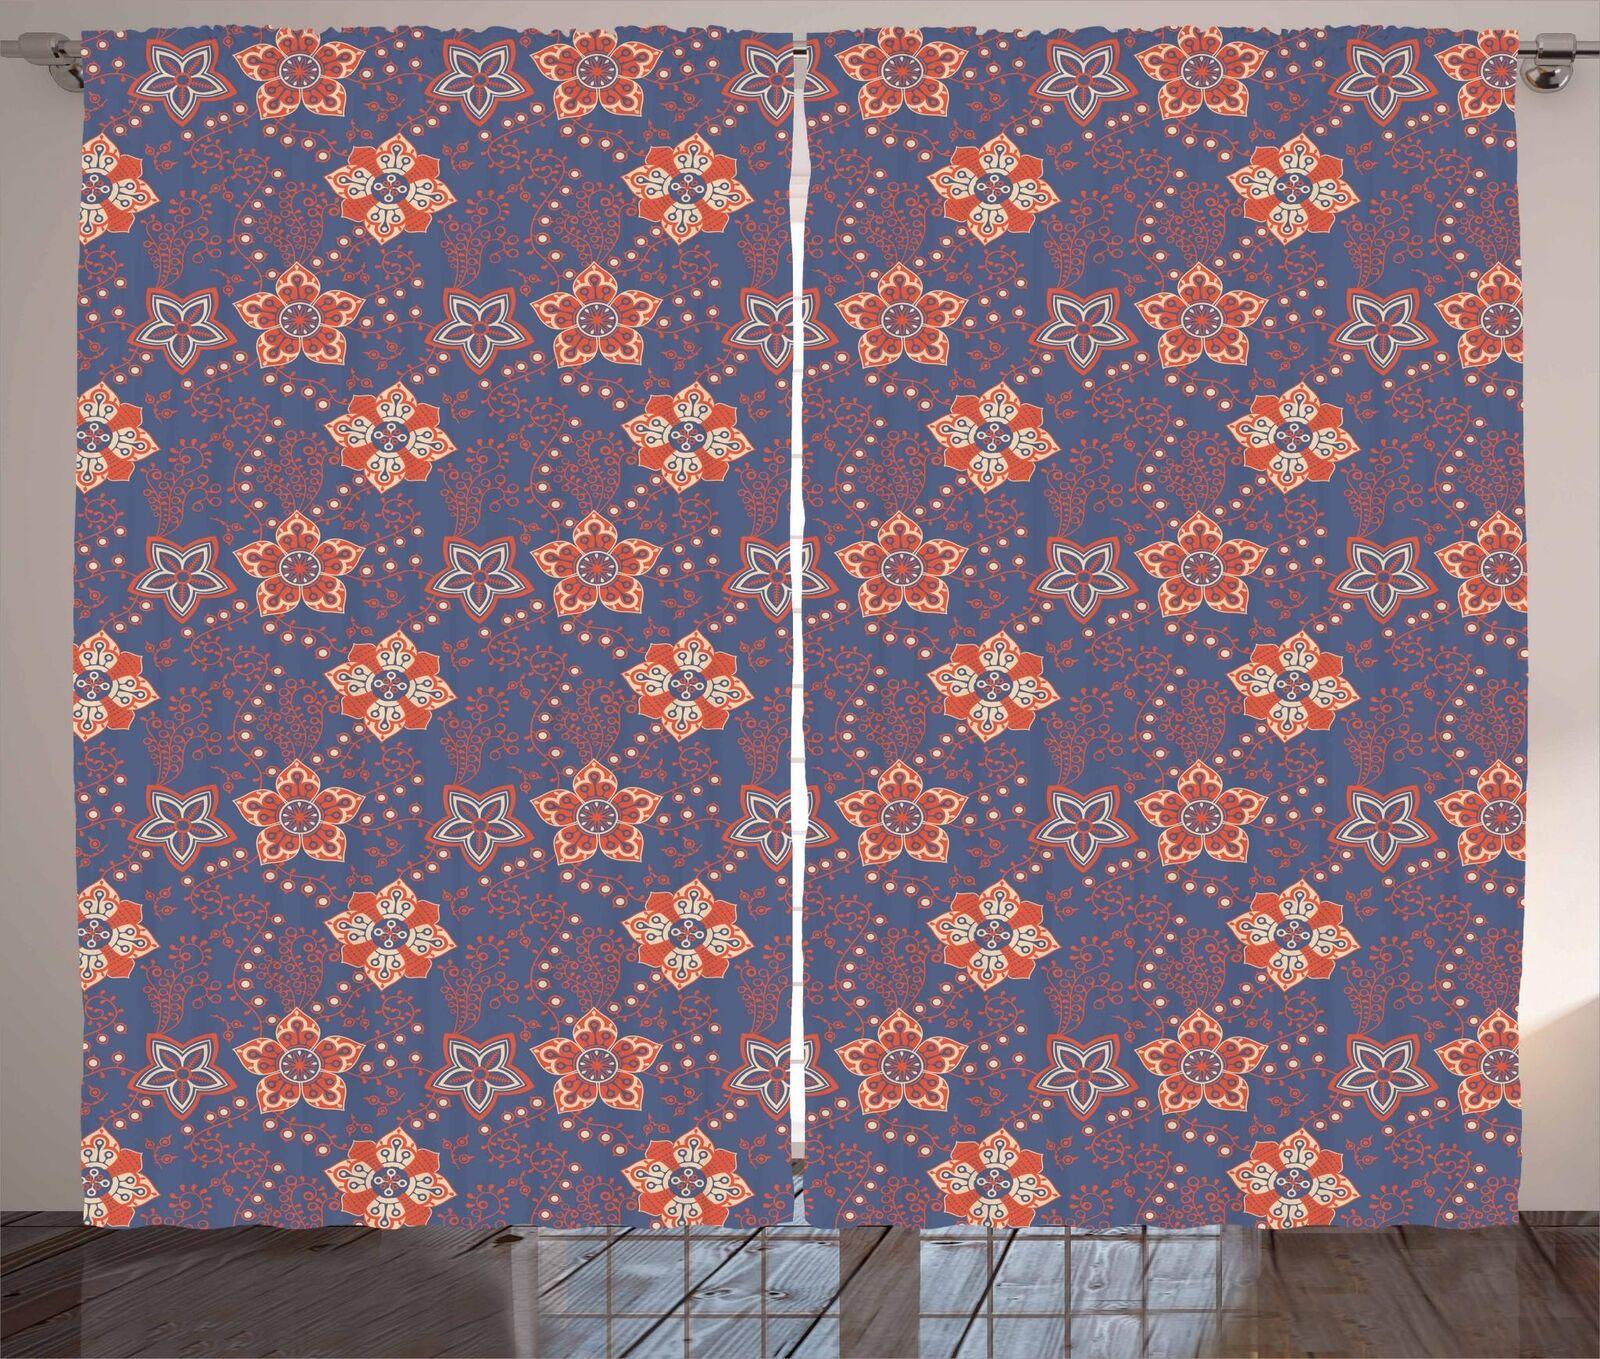 Vintage Garden Curtains 2 Panel Set Decoration 5 Dimensiones Window Drapes